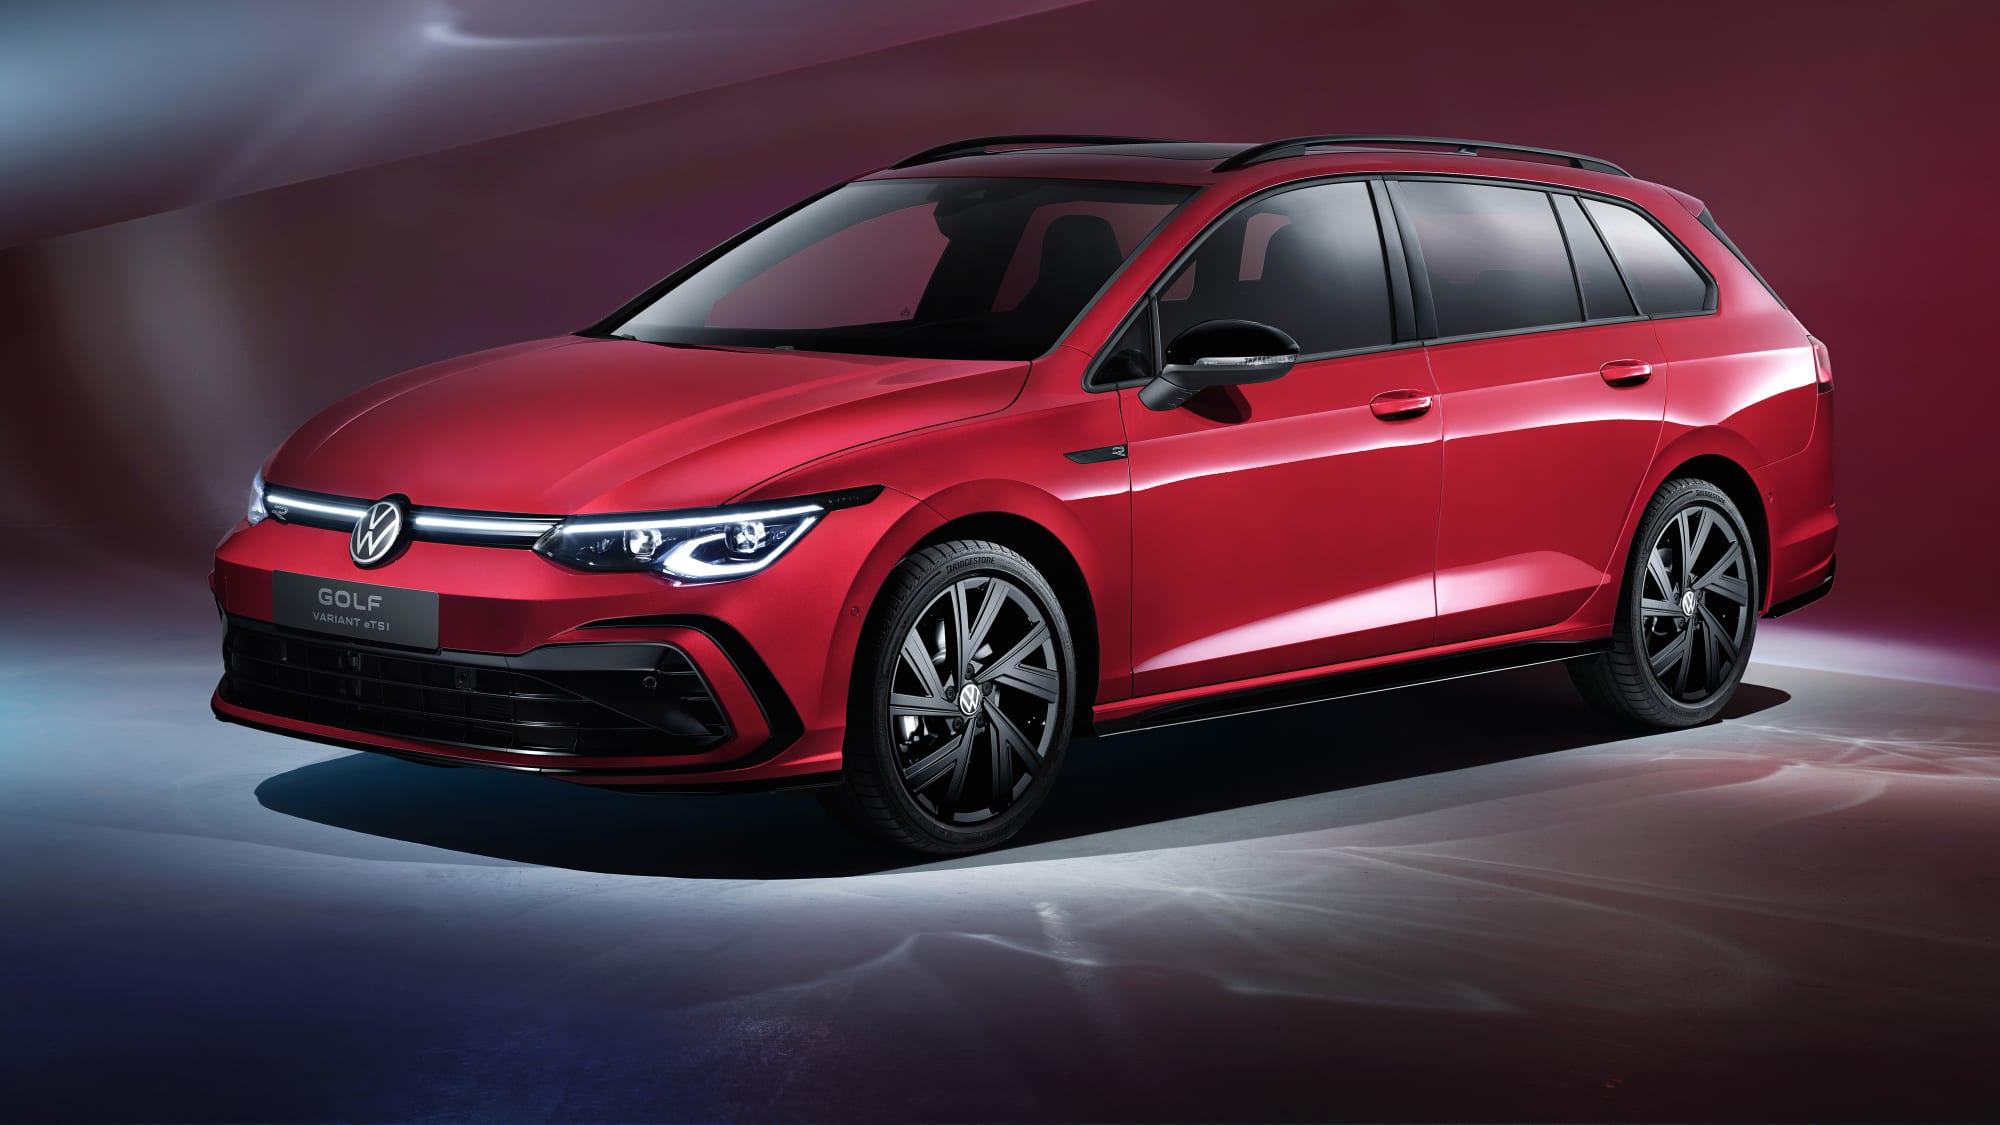 Schräge Seitenansicht eines roten VW Golf Variant eTSI